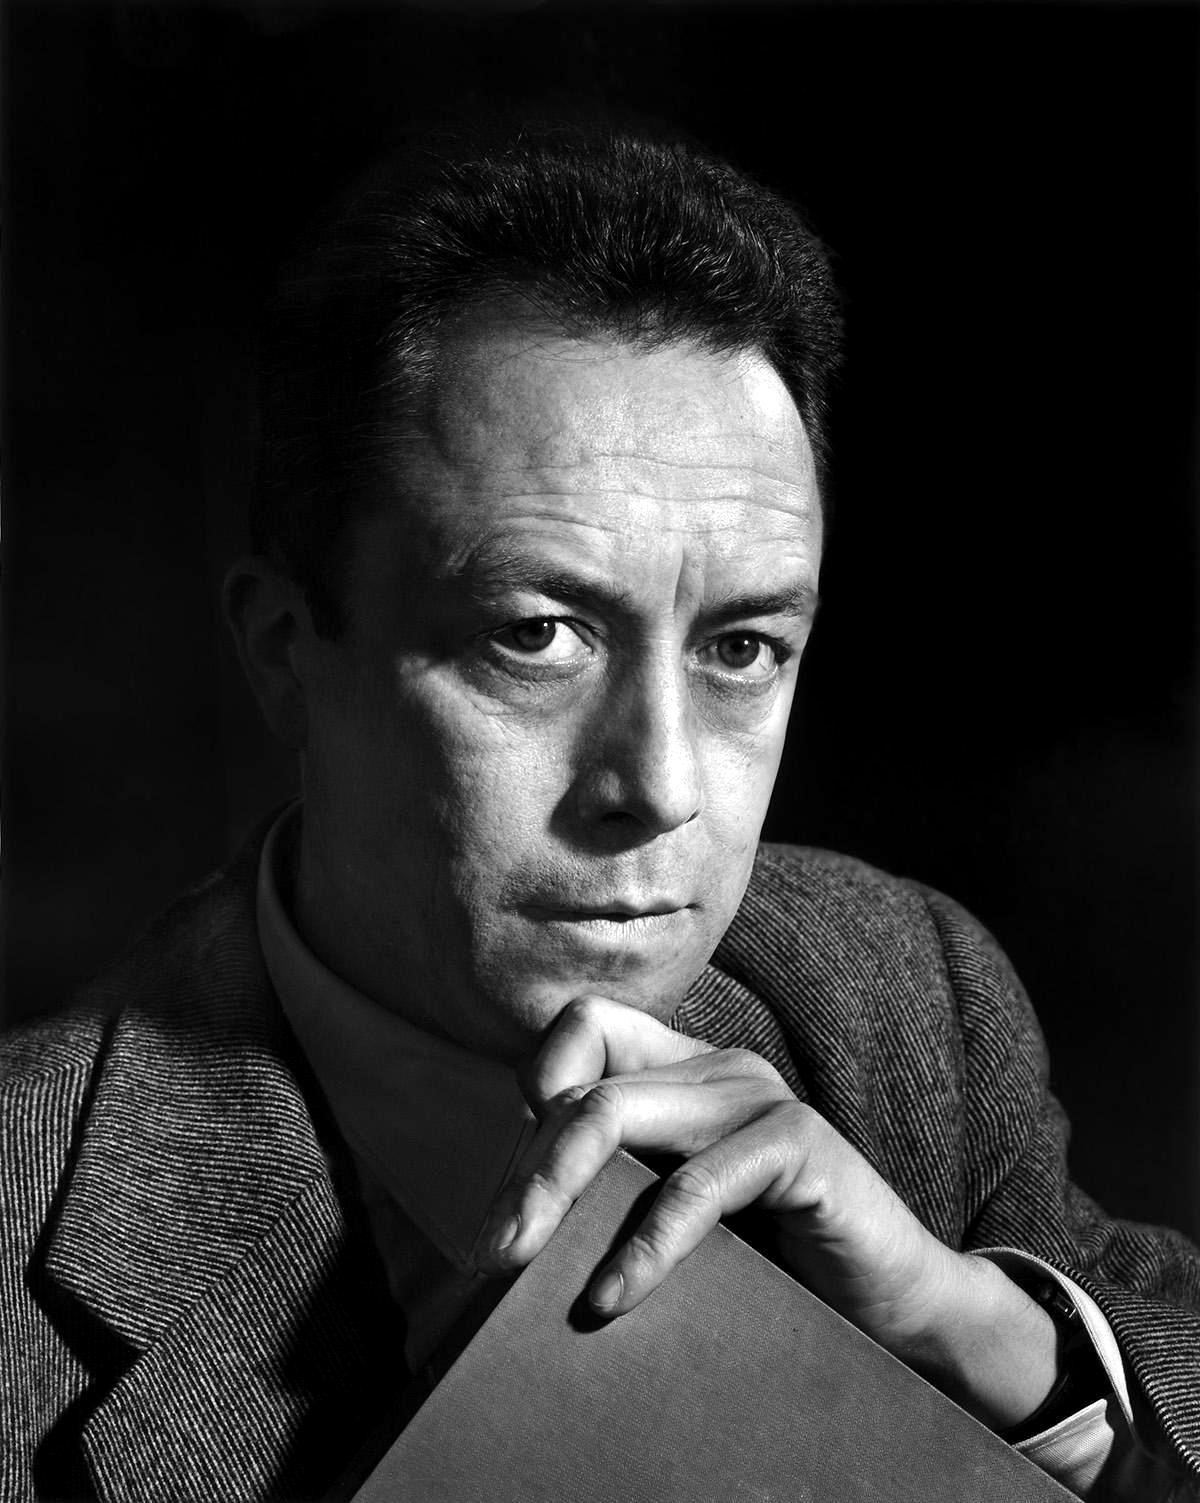 Albert Camus fotografiat per Yousuf Karsh